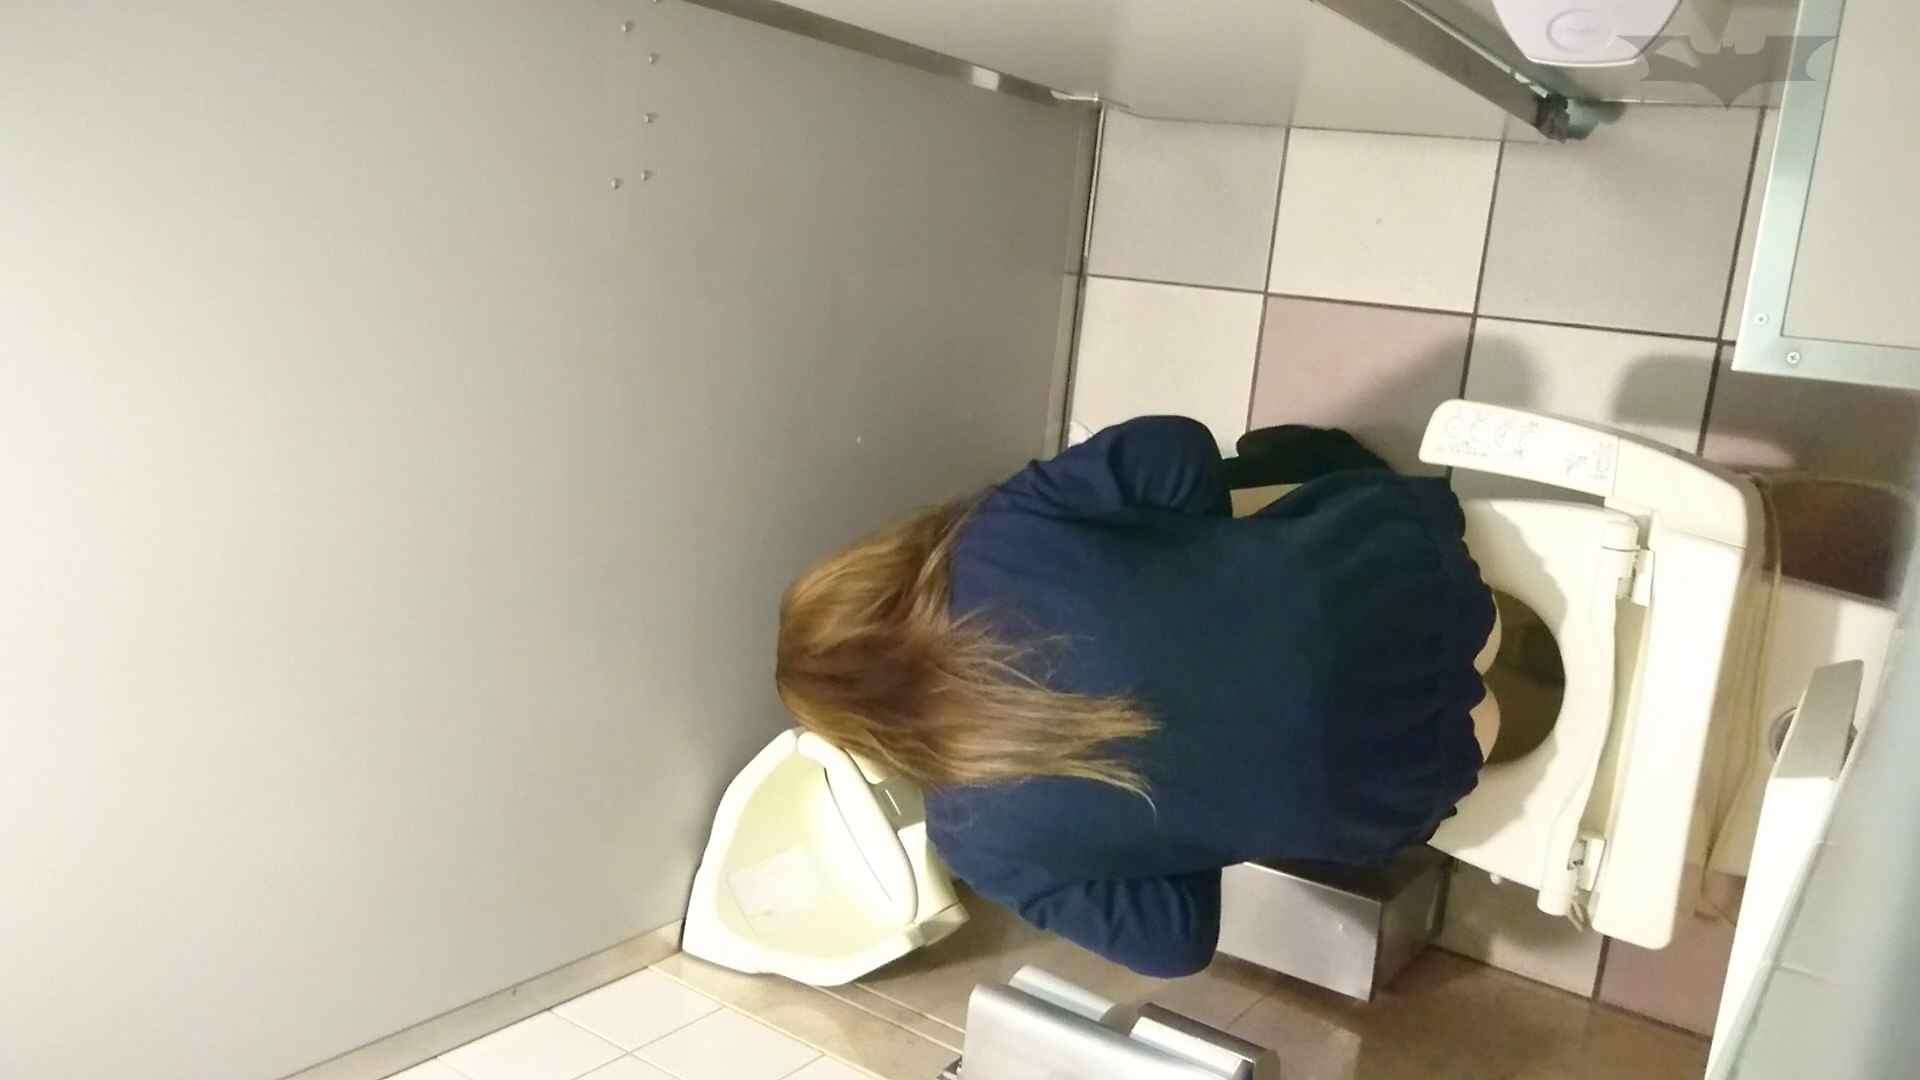 化粧室絵巻 ショッピングモール編 VOL.12 丸見え ワレメ動画紹介 78画像 35